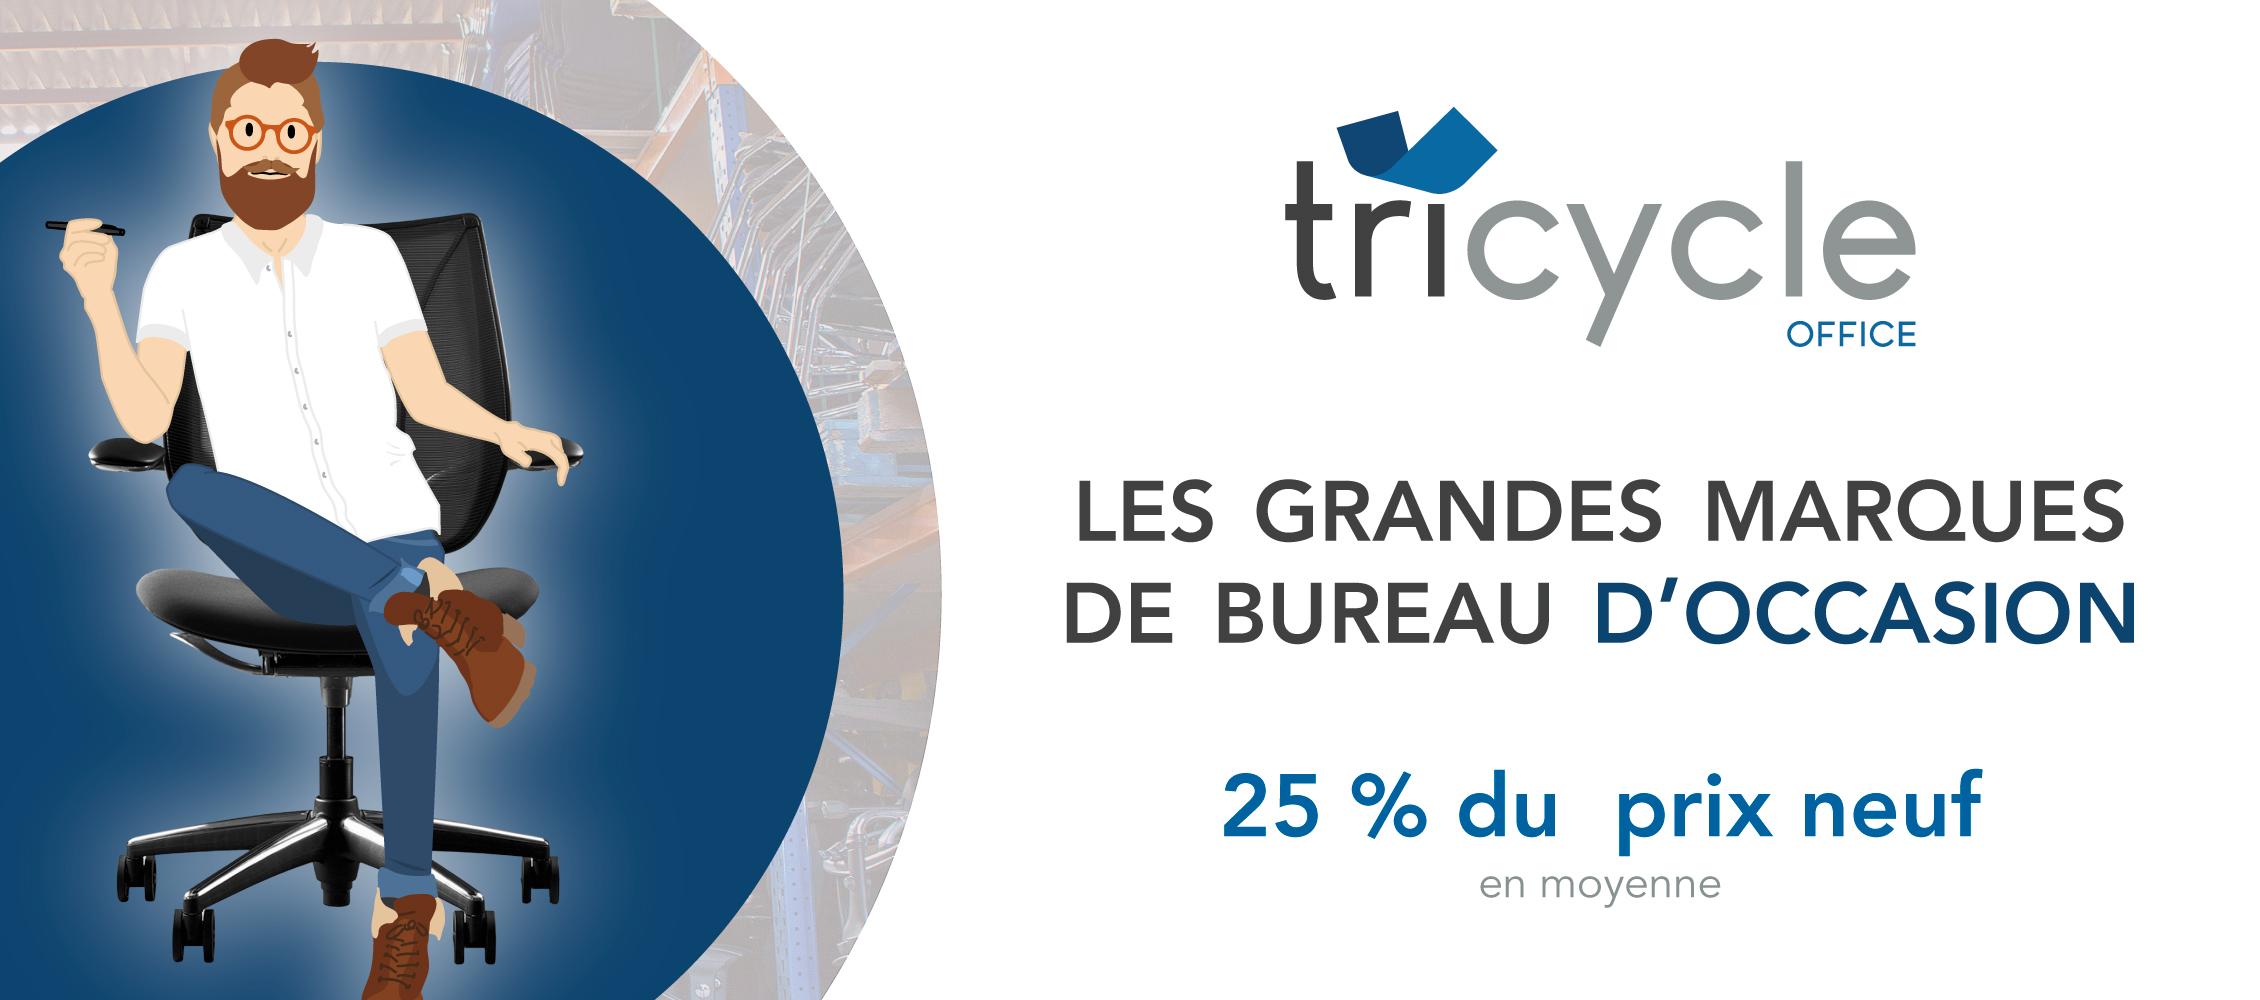 Baticycle-reemploi-matériaux-de-construction-BTP-occasion-Tricycle-Office-mobilier-bureau